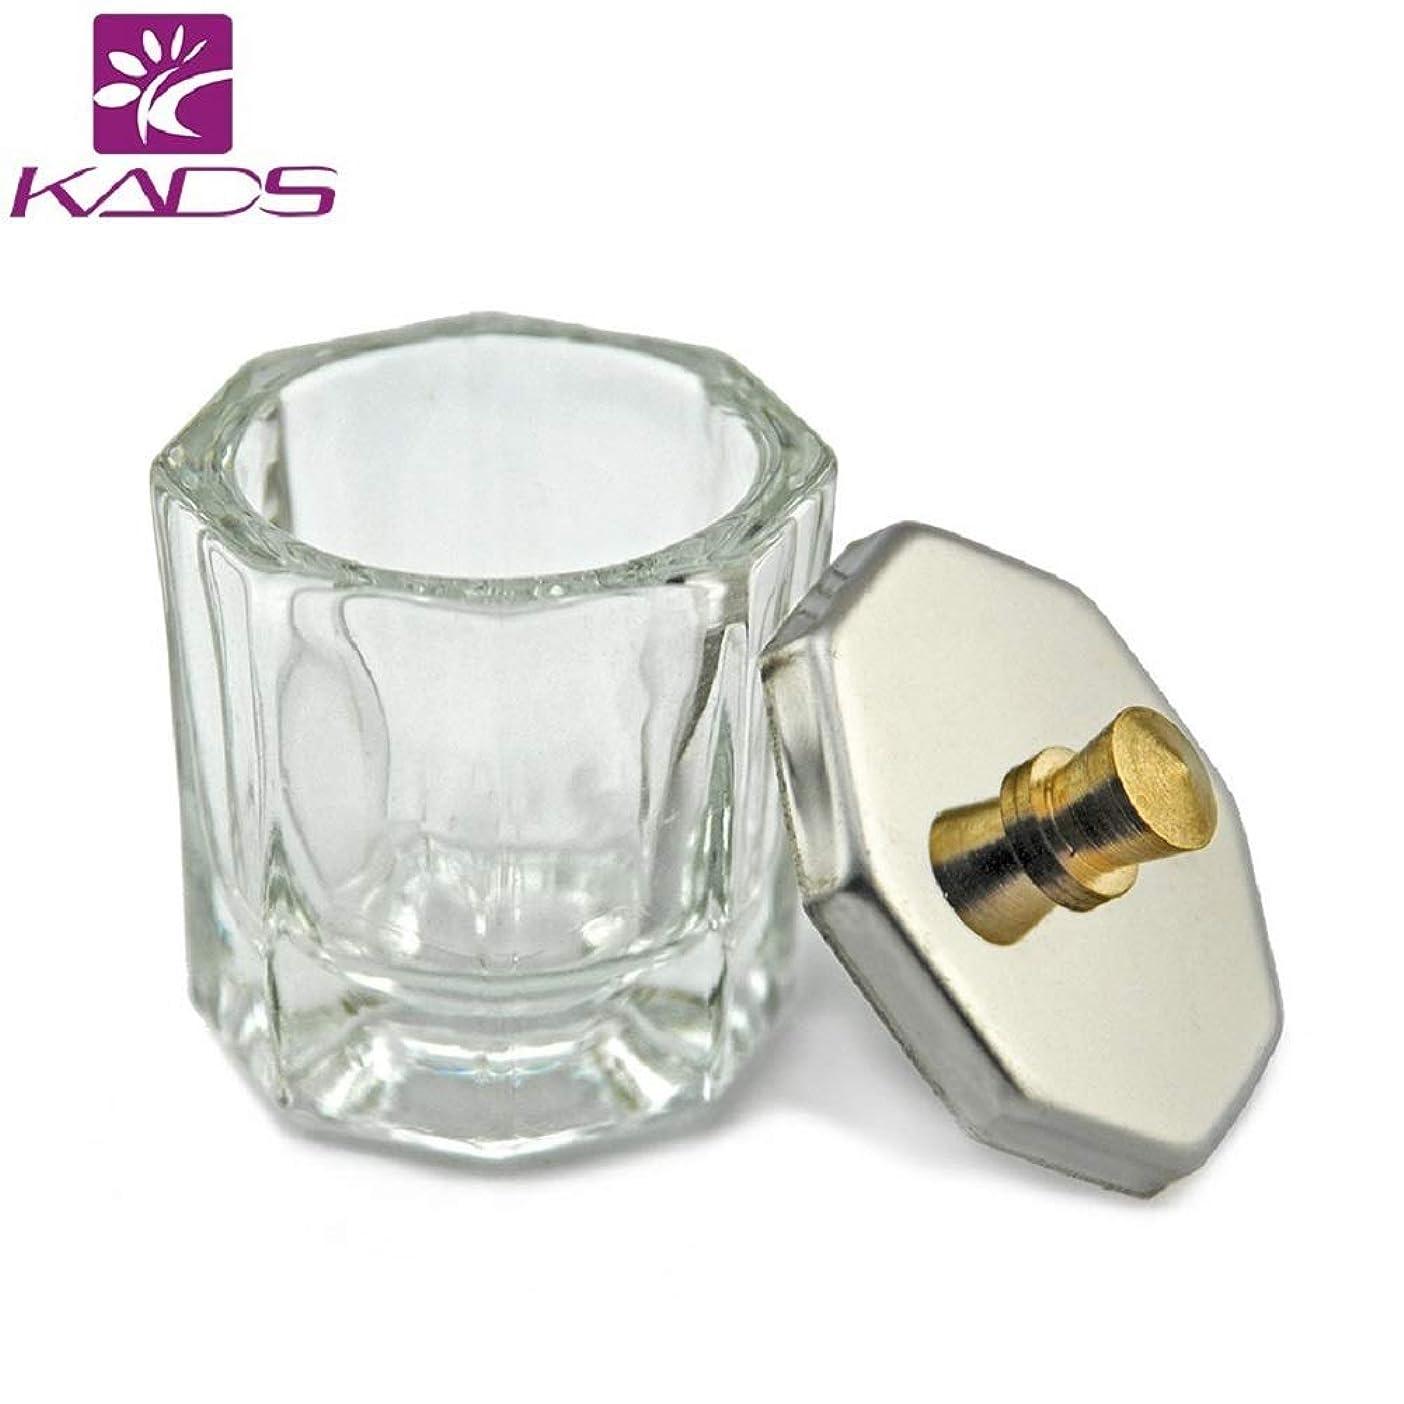 化学薬品すり側溝KADS 八角形ネイルダッペンディッシュ フタ付き ガラス製 筆洗いガラス容器 ジェルネイル用筆洗浄